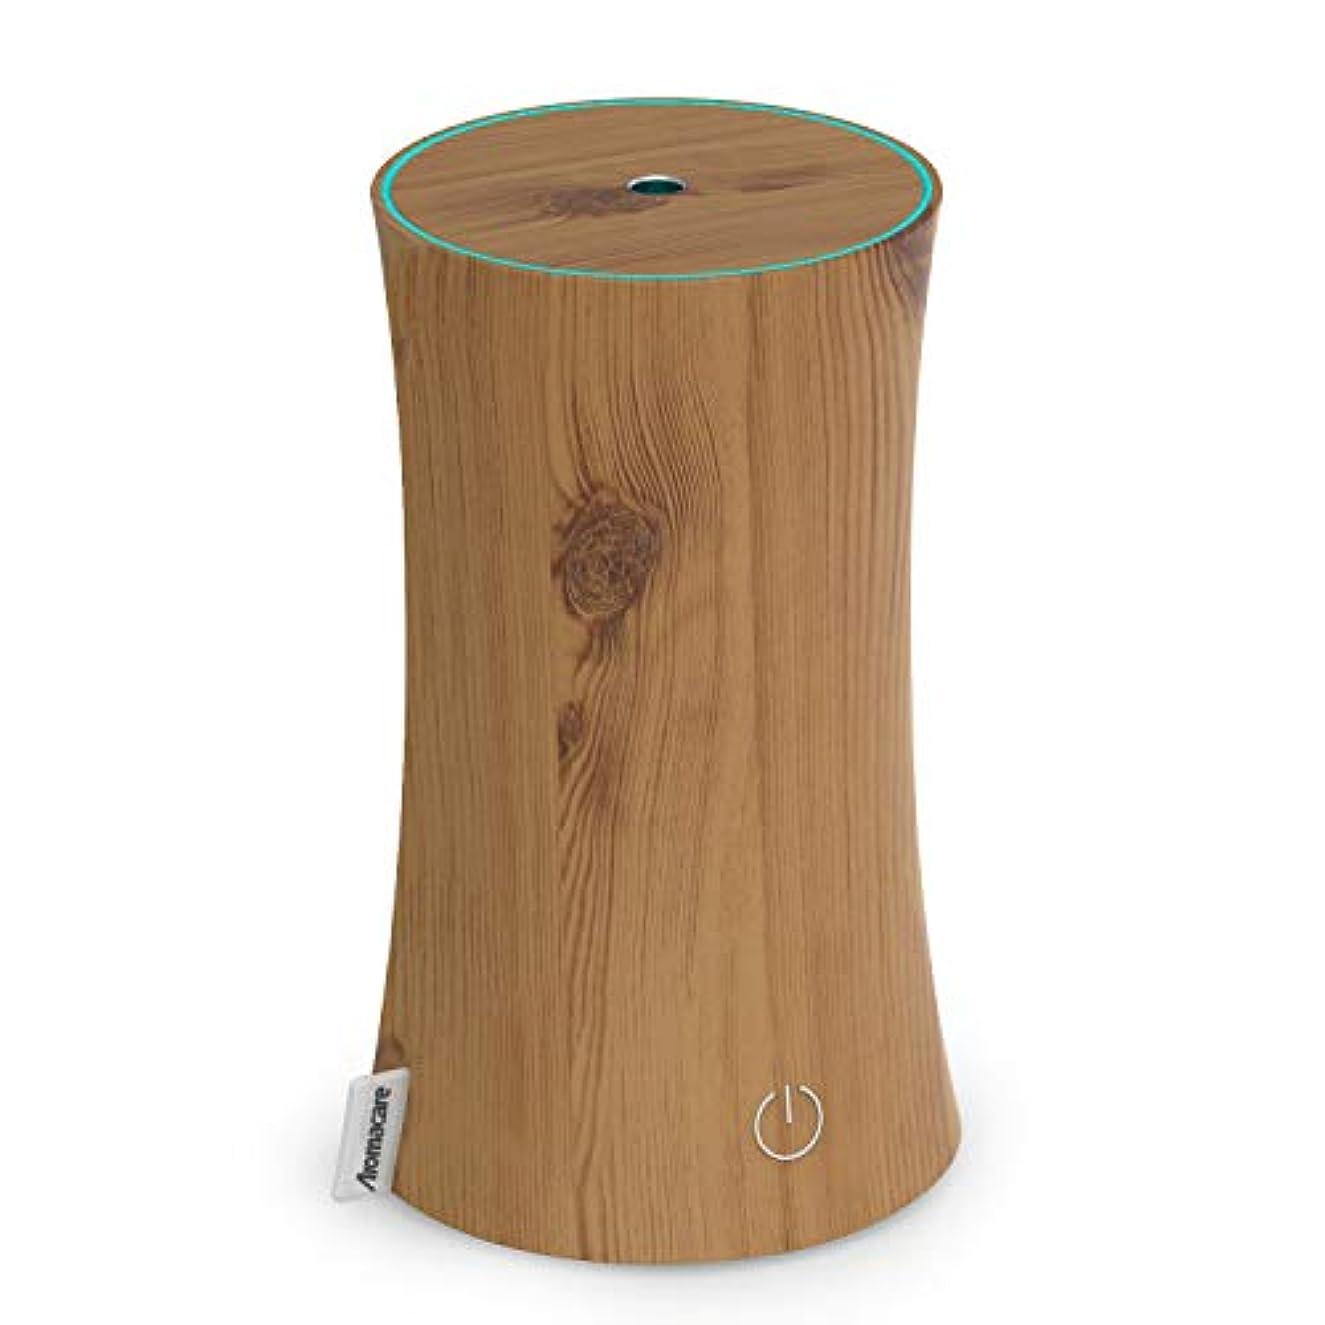 一人で失速棚アロマディフューザー 卓上加湿器 センサー付き 超音波式 空焚き防止 低騒音 300ml 連続運転 各場所用 省エネ 木目調 木の色